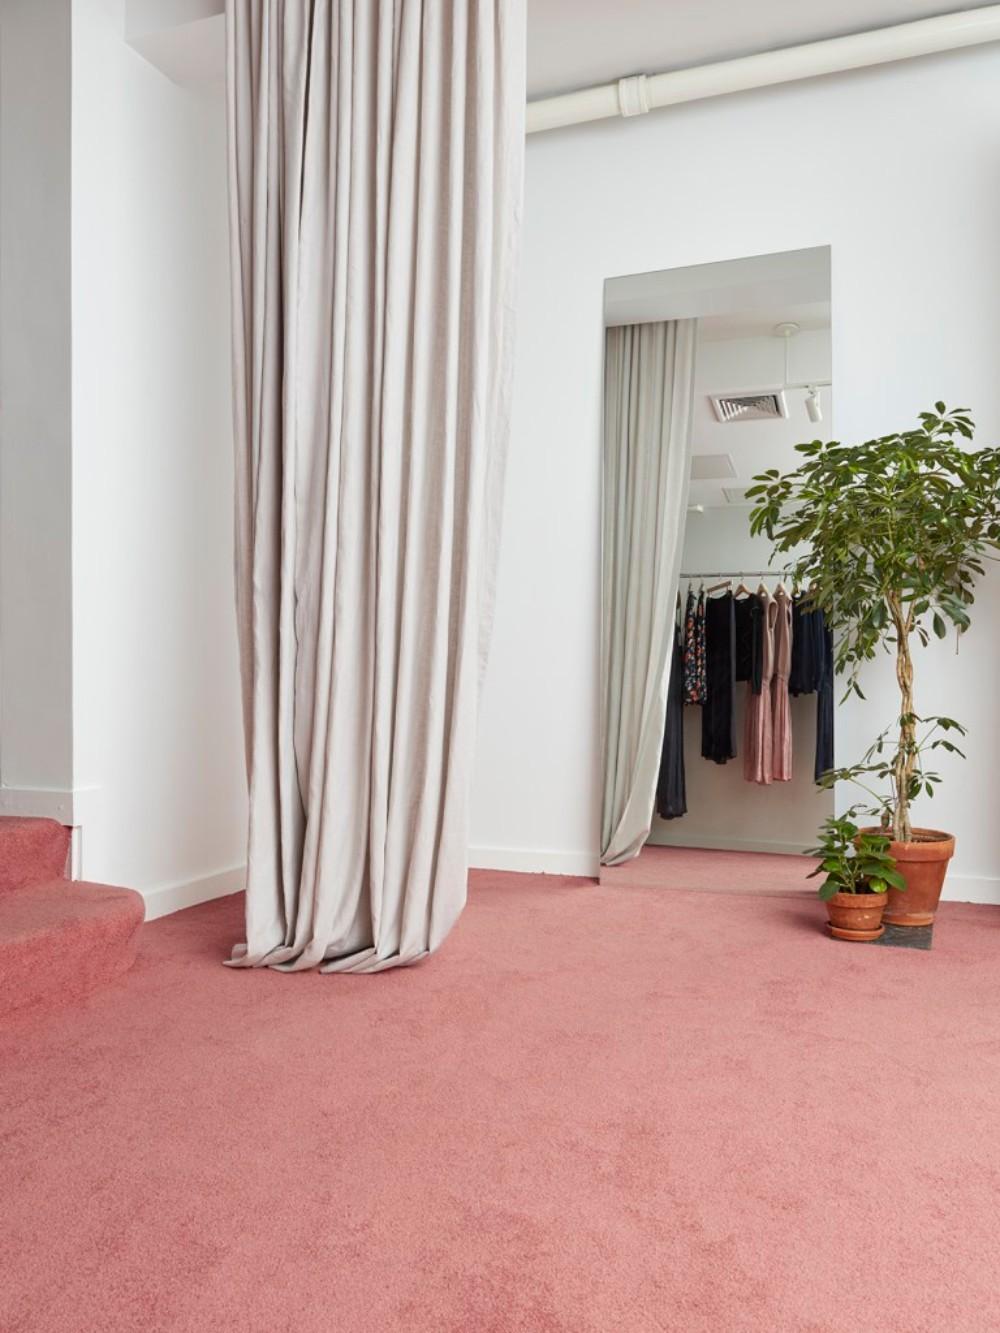 Tendințele de culoare pentru interiorul din 2018 conform Institutului Pantone - Tendințele de culoare pentru interiorul din 2018 conform Institutului Pantone